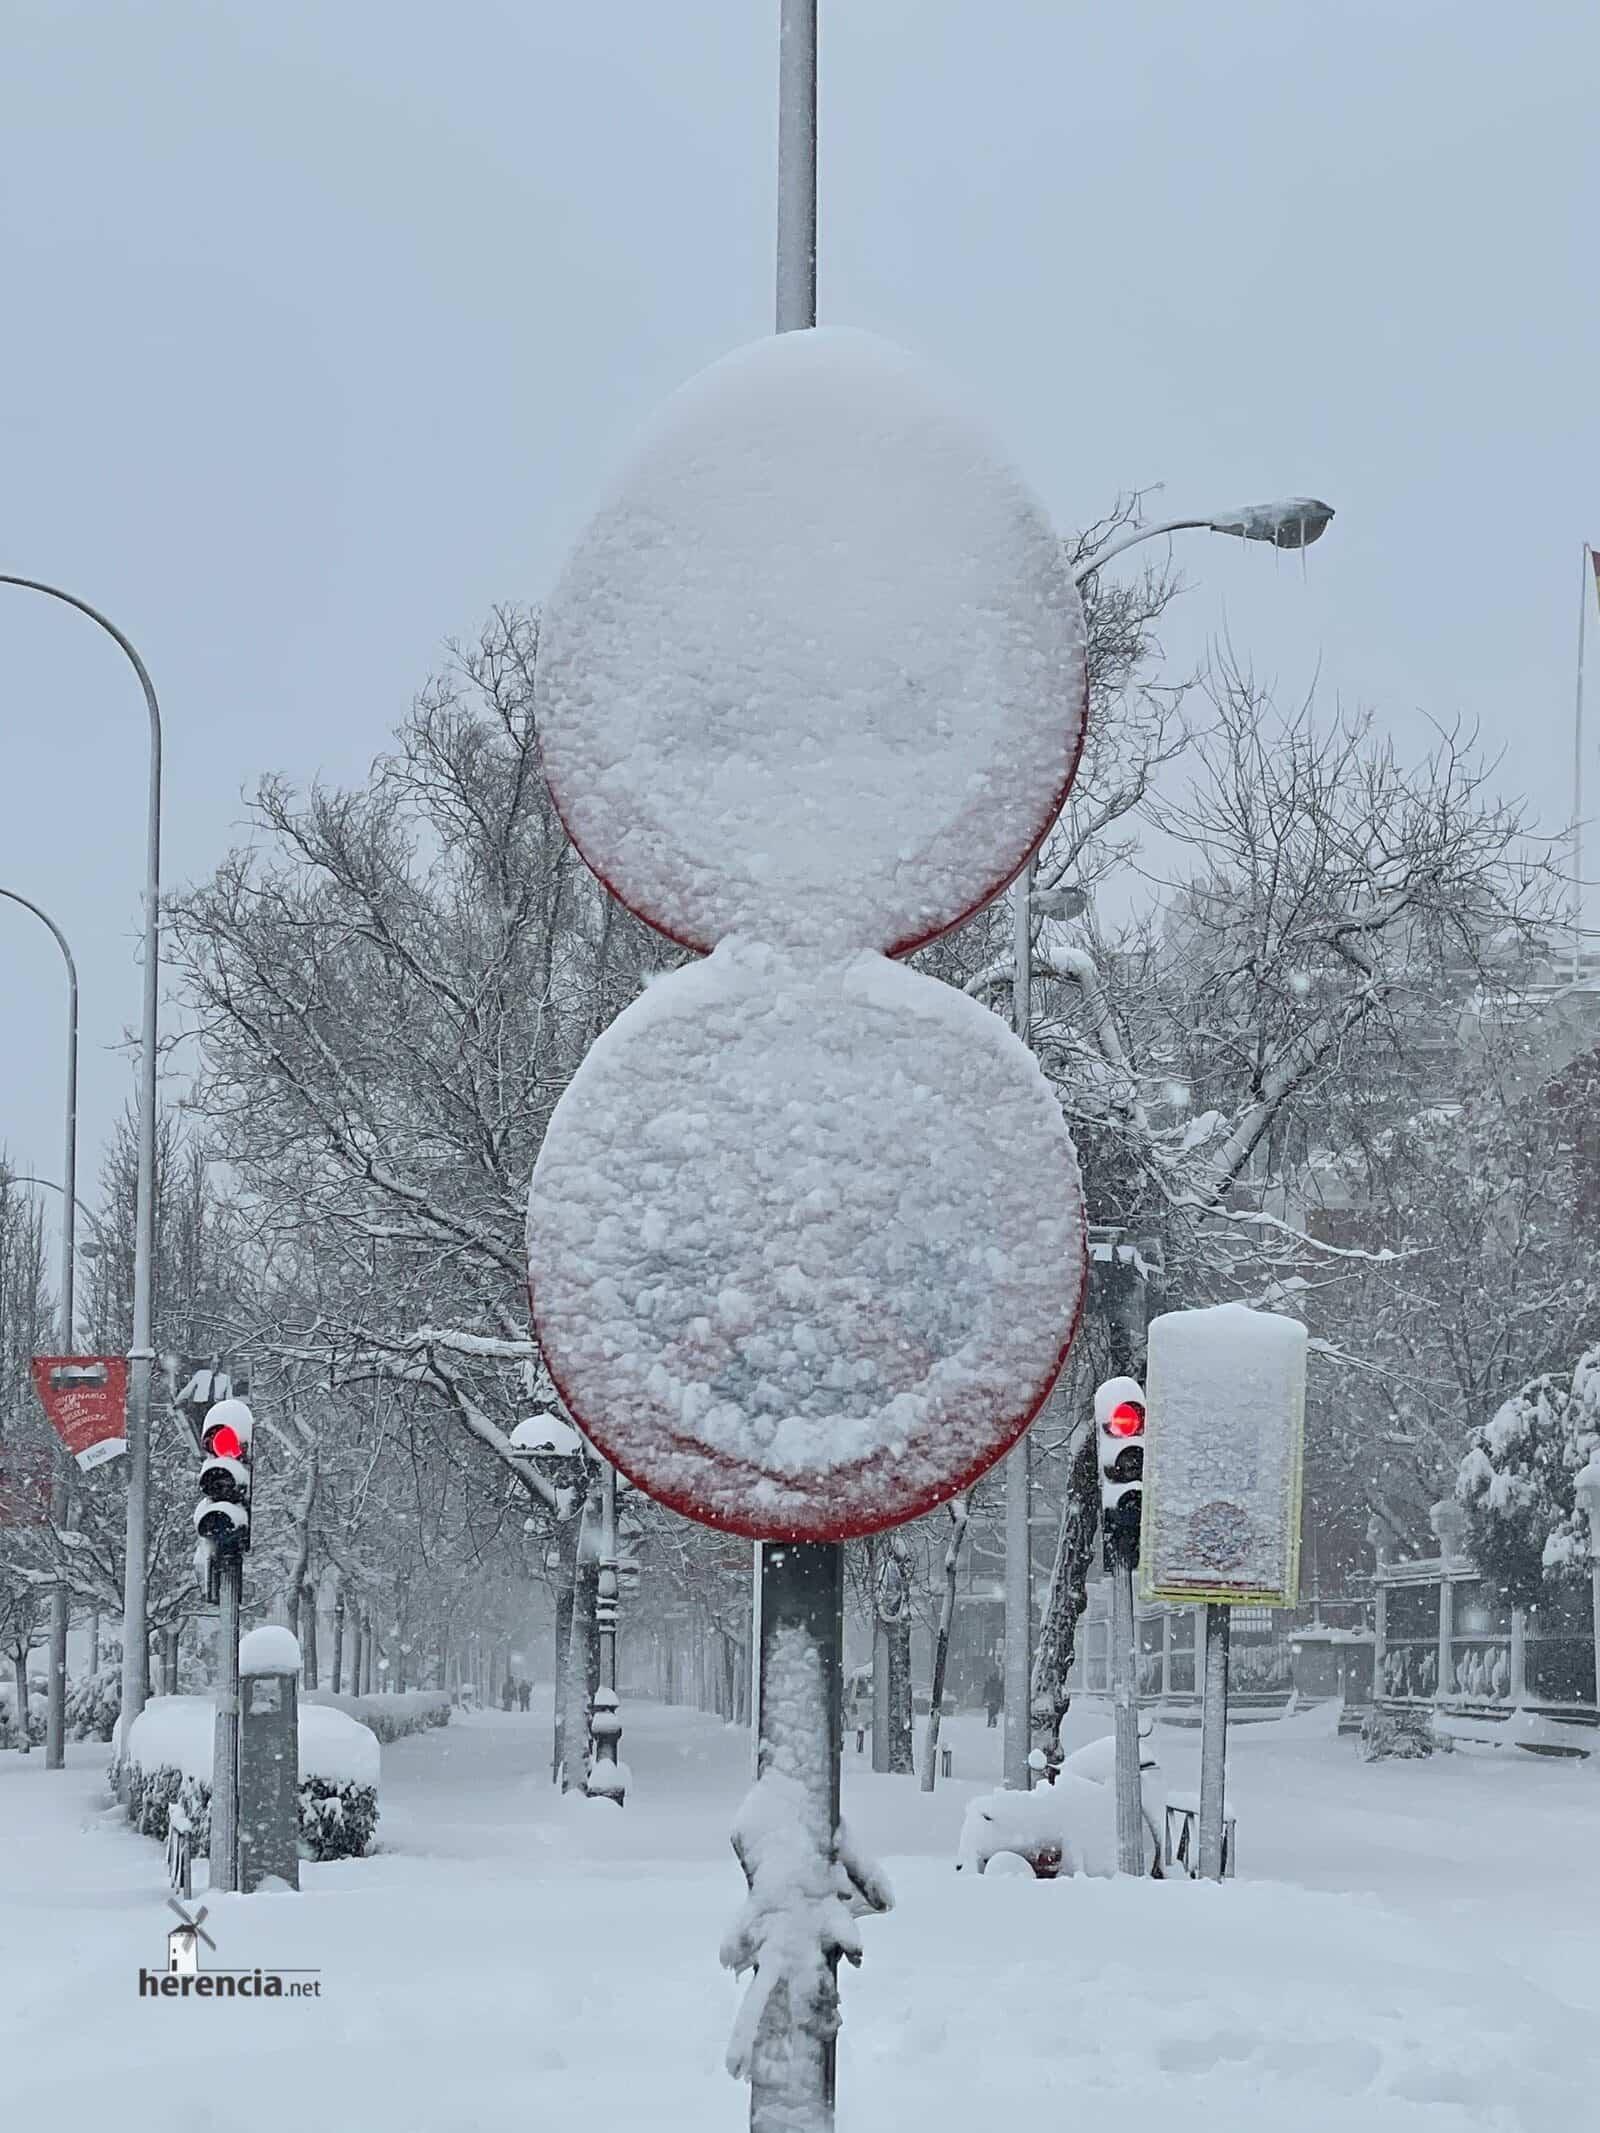 Más fotografías de las nieves de 2021 en Herencia 171